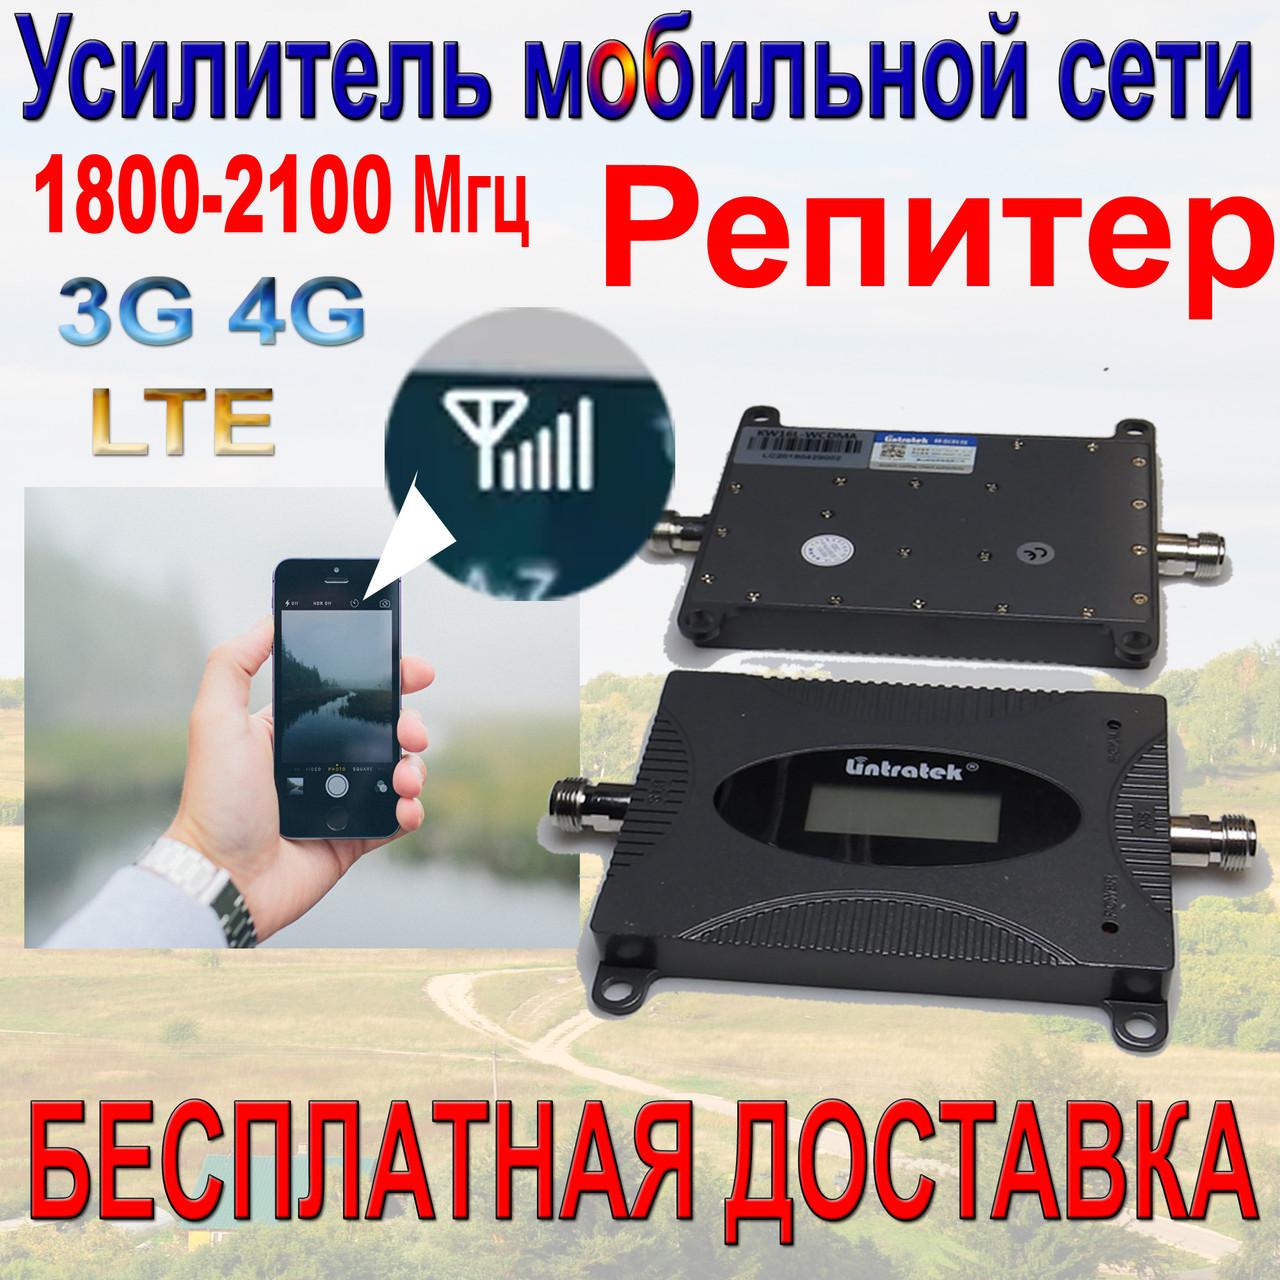 GSM усилитель мобильного сигнала репитер Lintratek KW16L-DCS 1800 комплект Оригинал +Подарок +Скидка